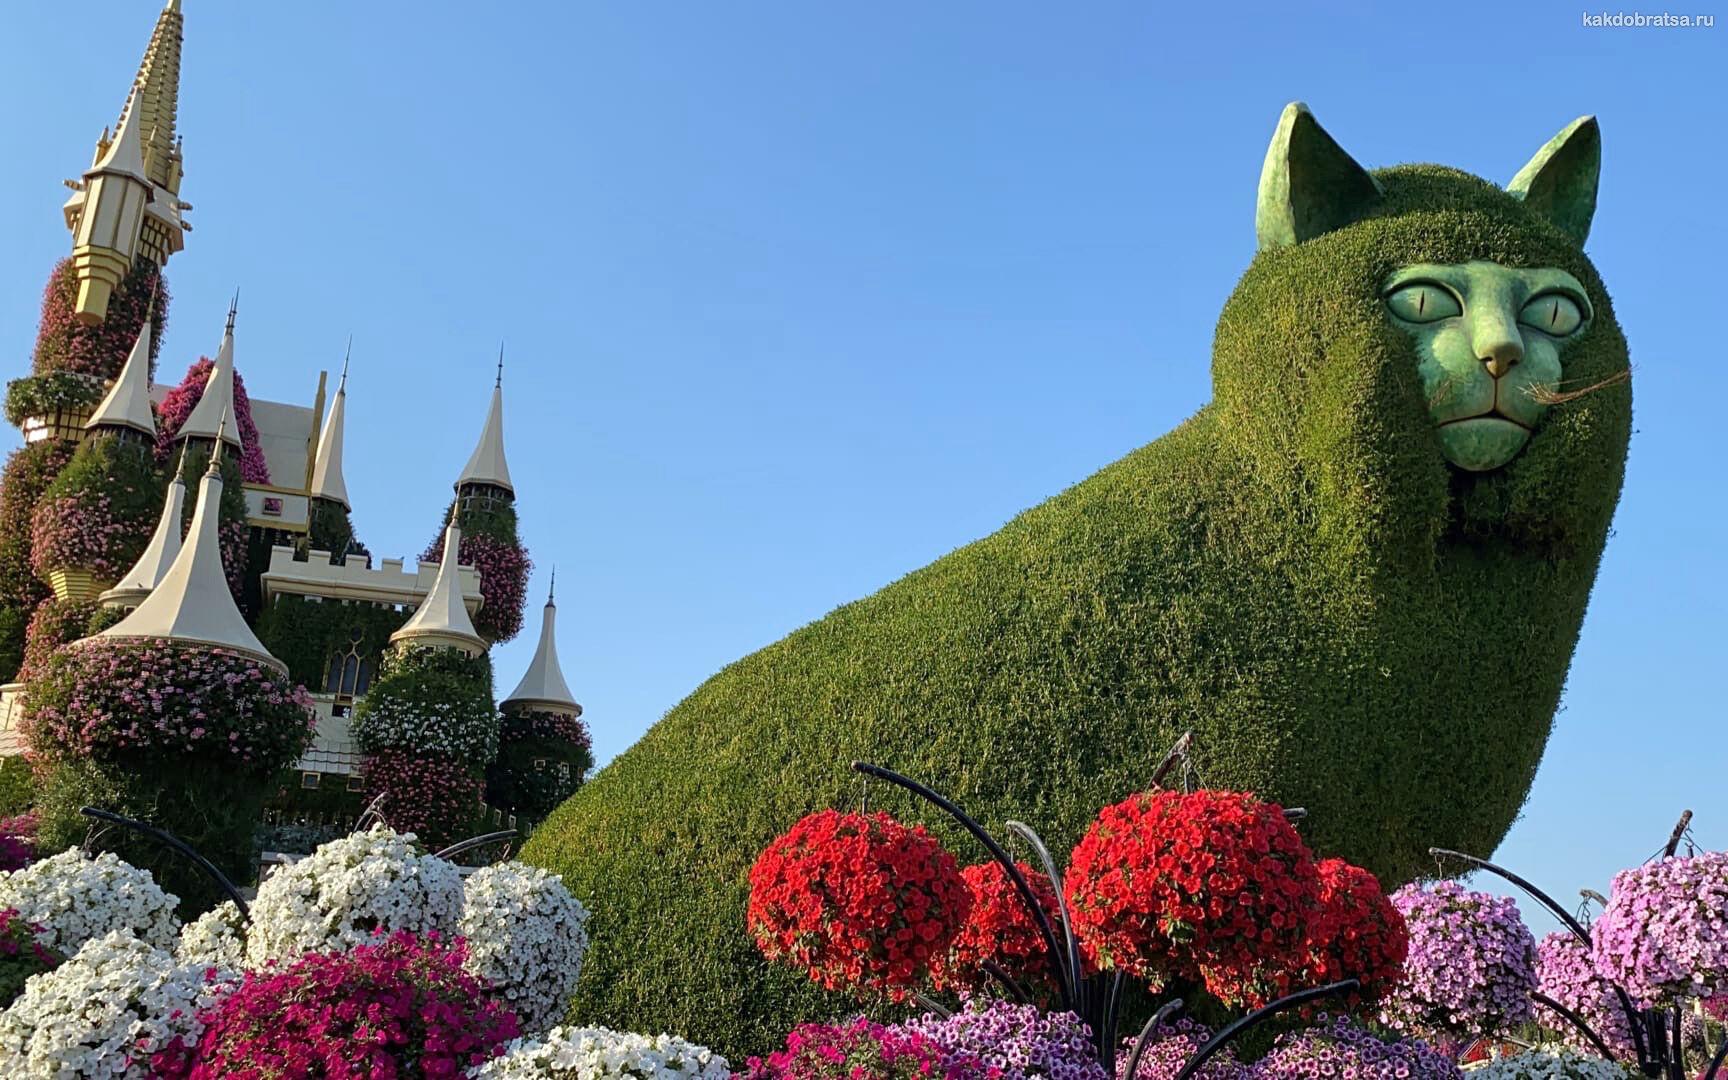 Экскурсия по Парку цветов в Дубае